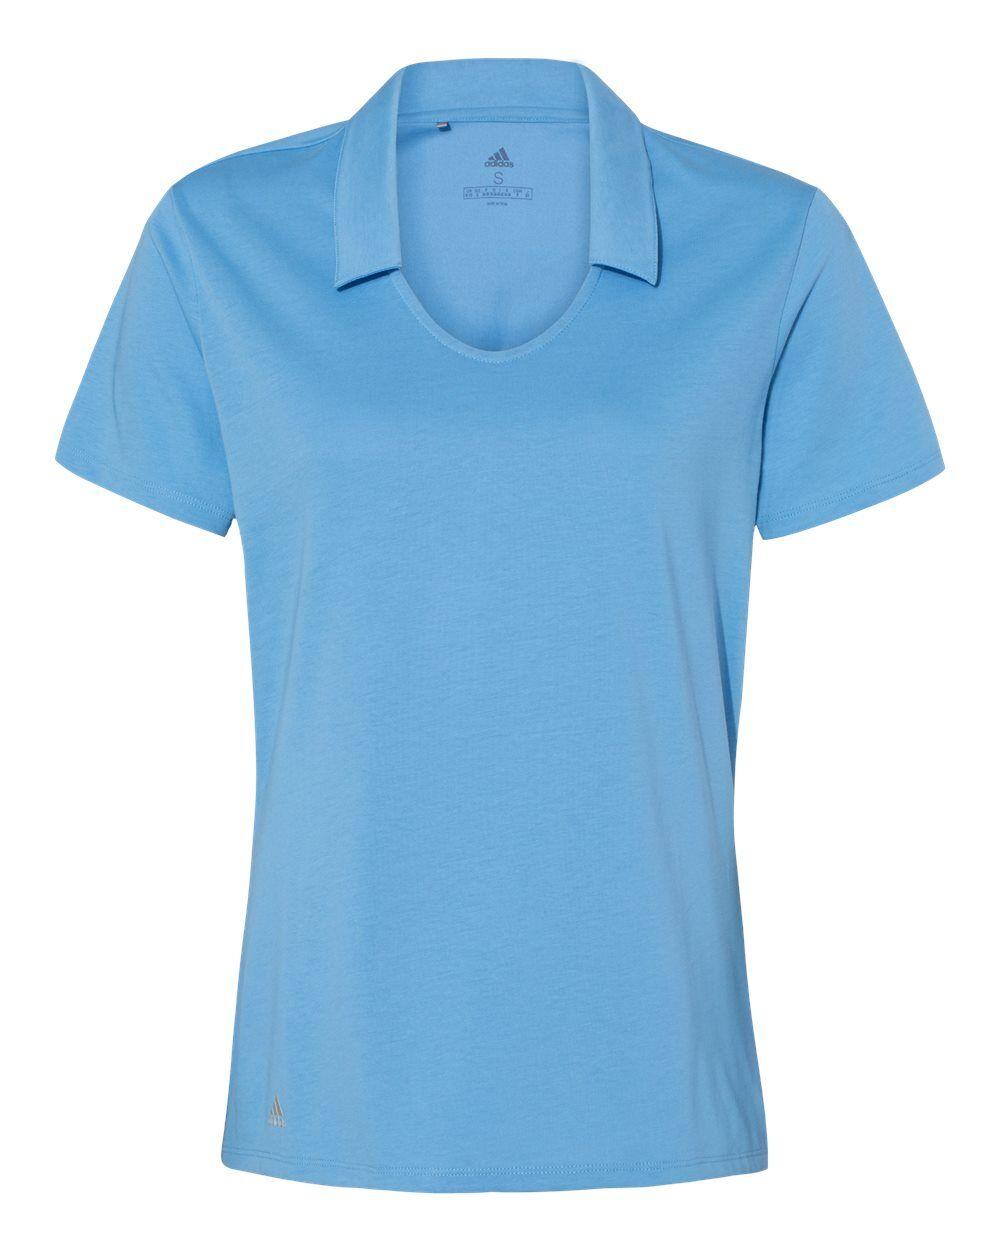 Adidas - Women's Cotton Blend Sport Shirt - A323 - Light Blue - Large